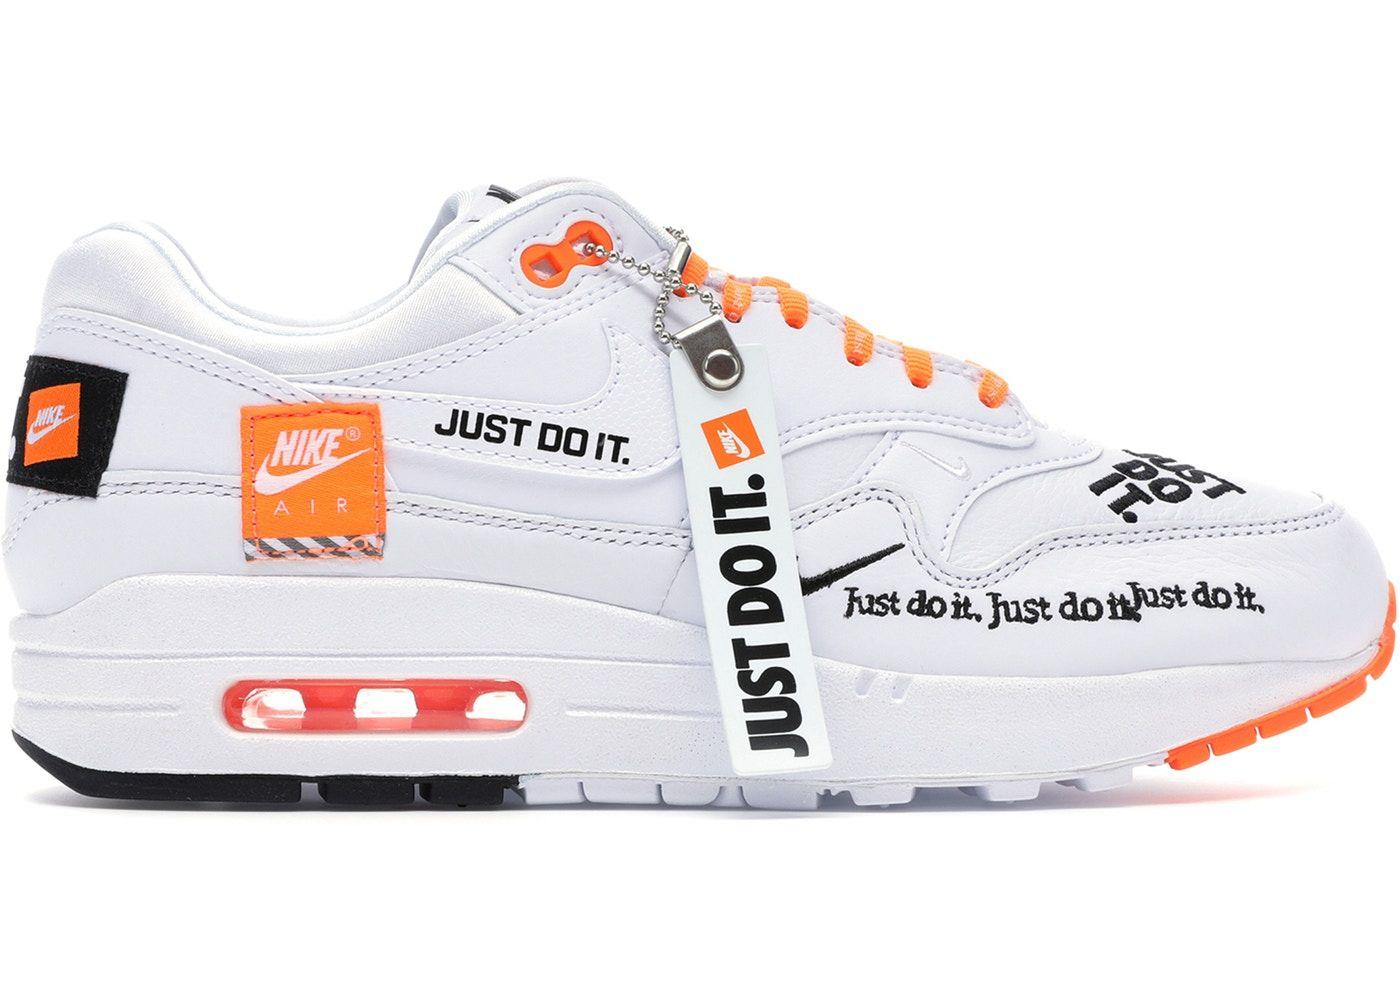 Nike Air Max 1 Just Do It White W In 2020 Air Max 1 Nike Air Max Plus Nike Air